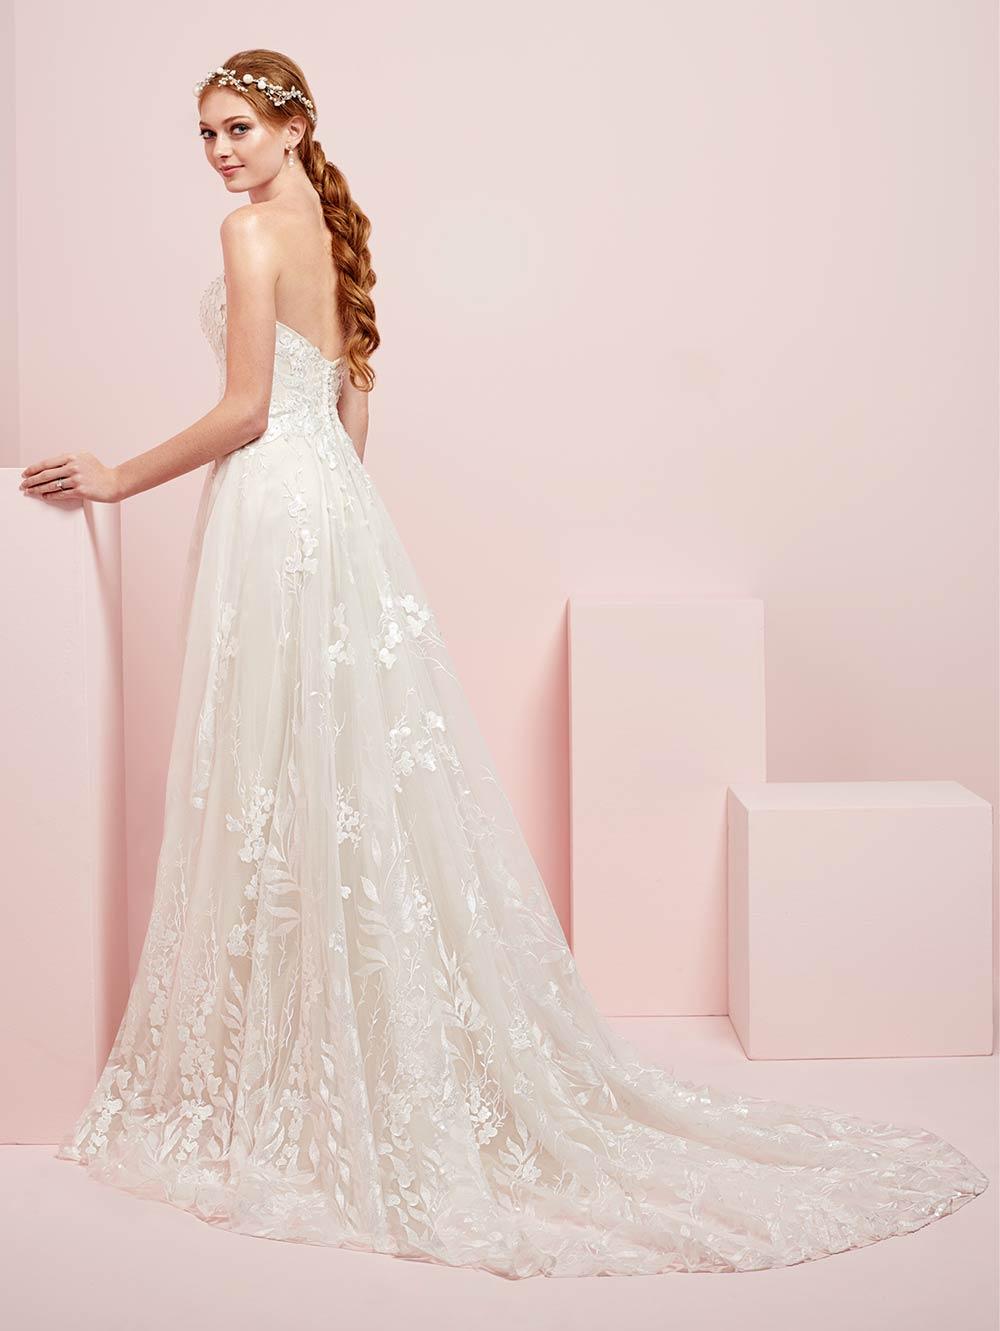 bridal-gowns-jacquelin-bridals-canada-27621